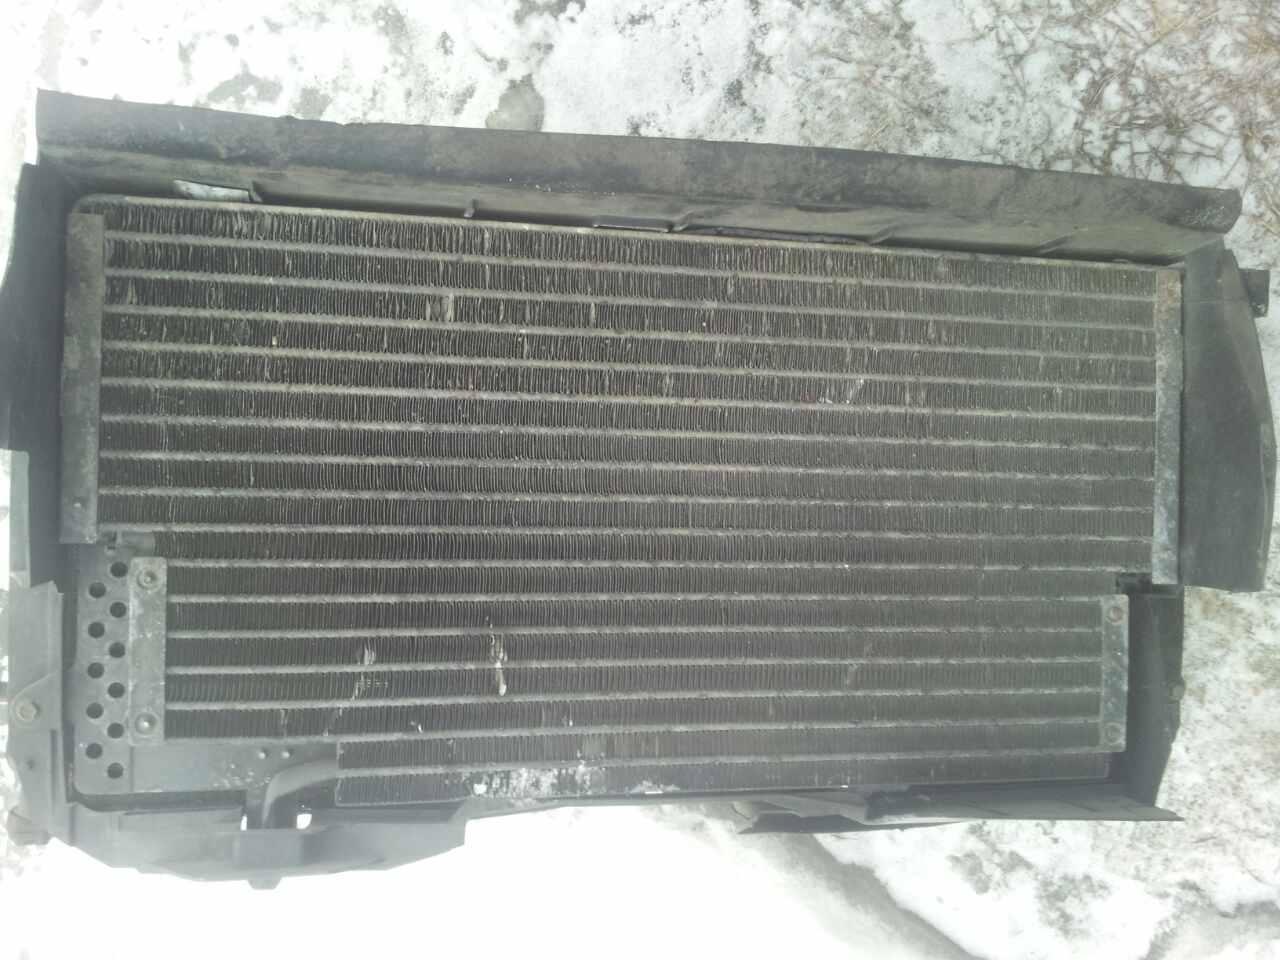 радиатор на пассат в-4 в сборе с